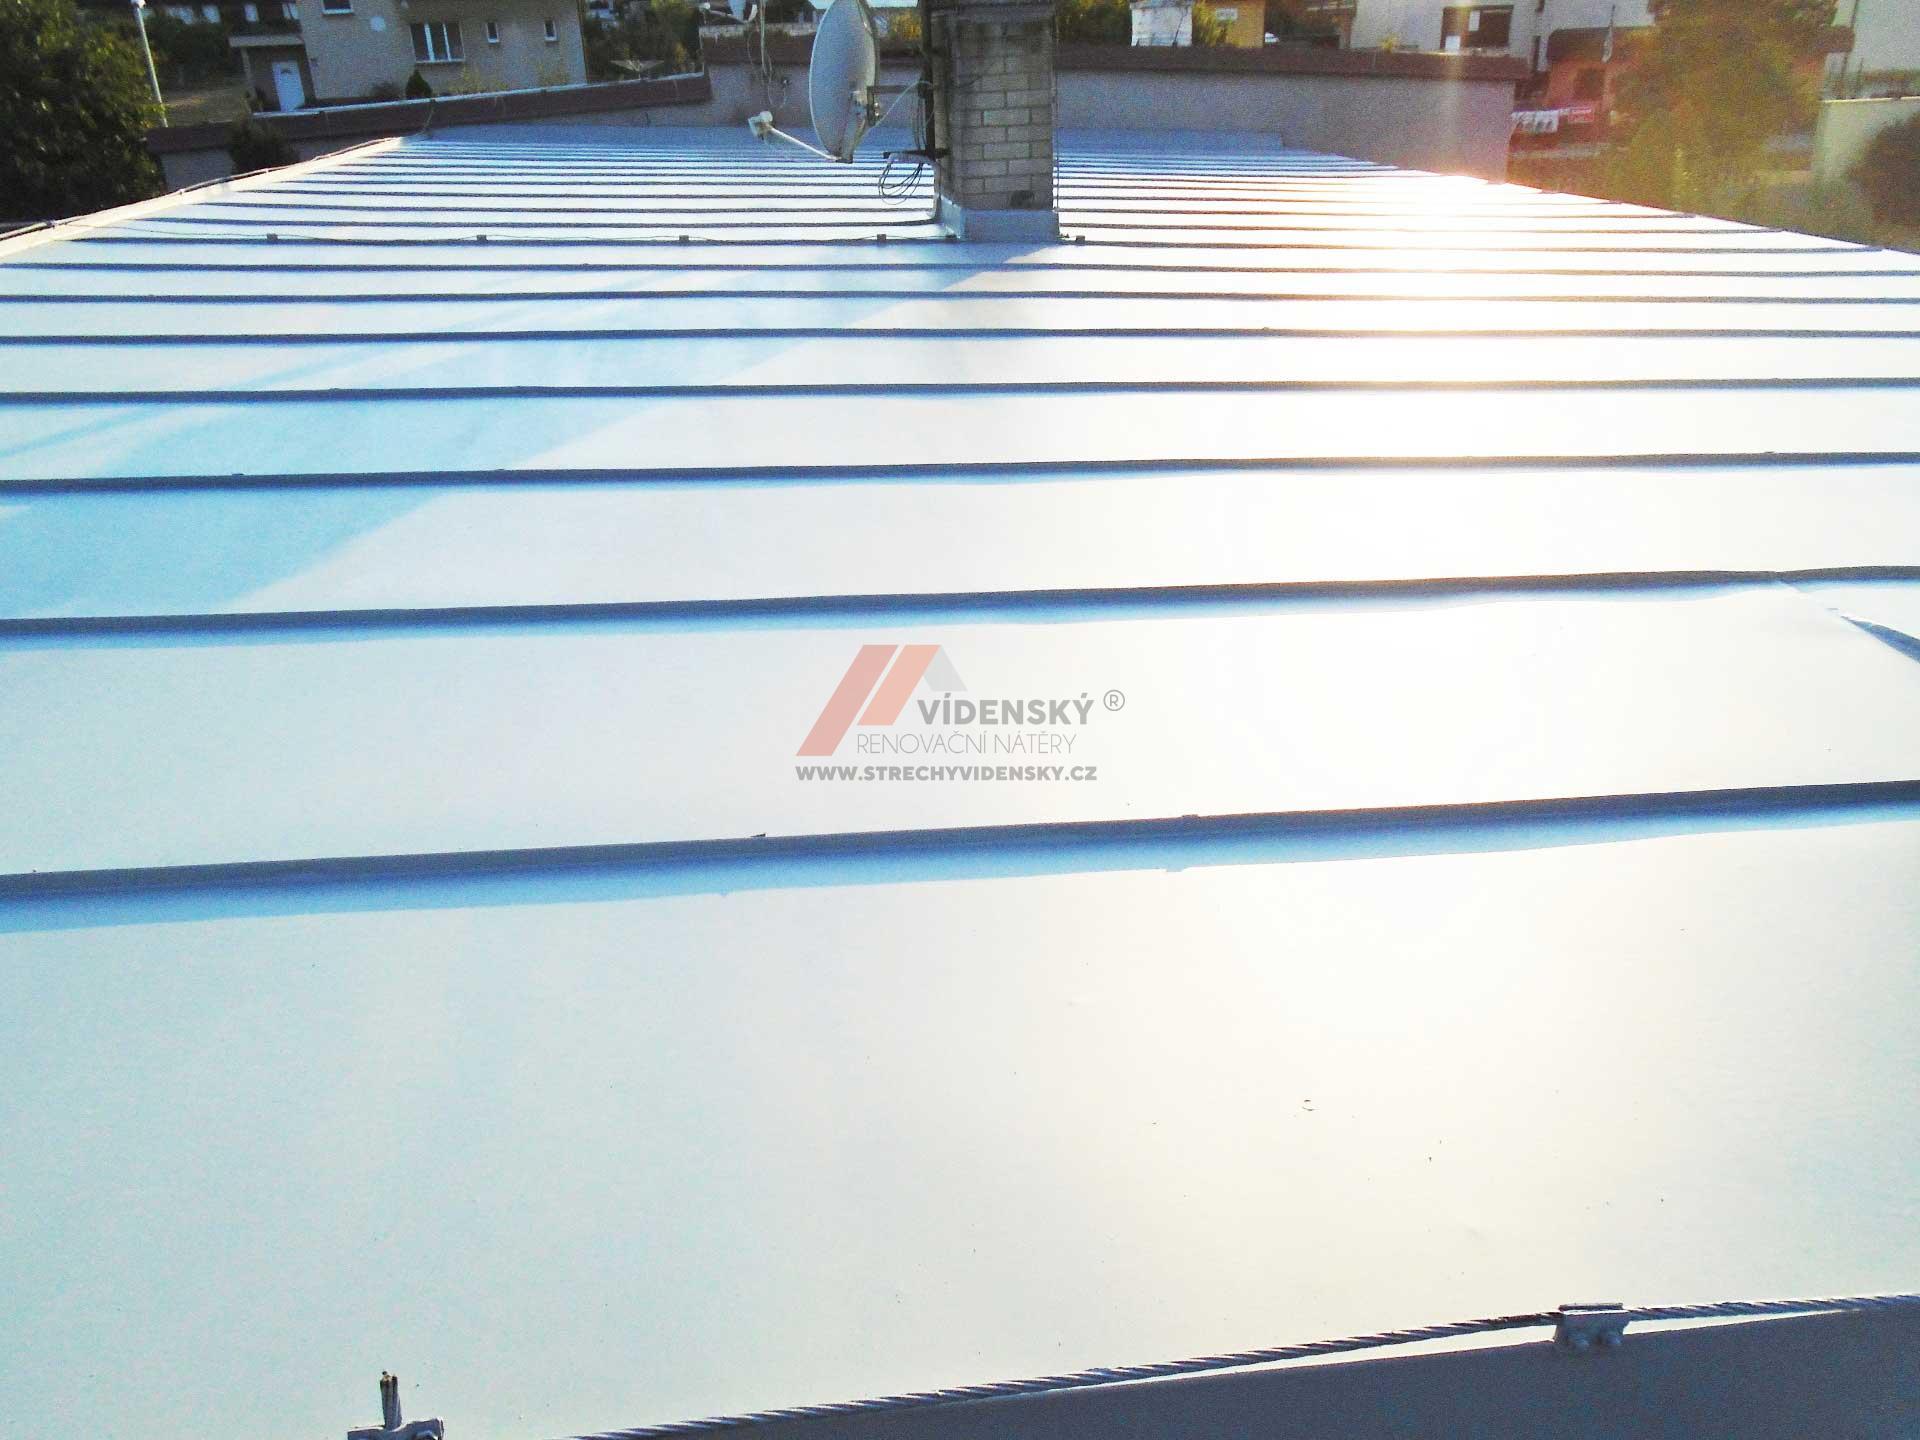 Vídenský | Renovační nátěr plechové střechy 09 - Po renovaci